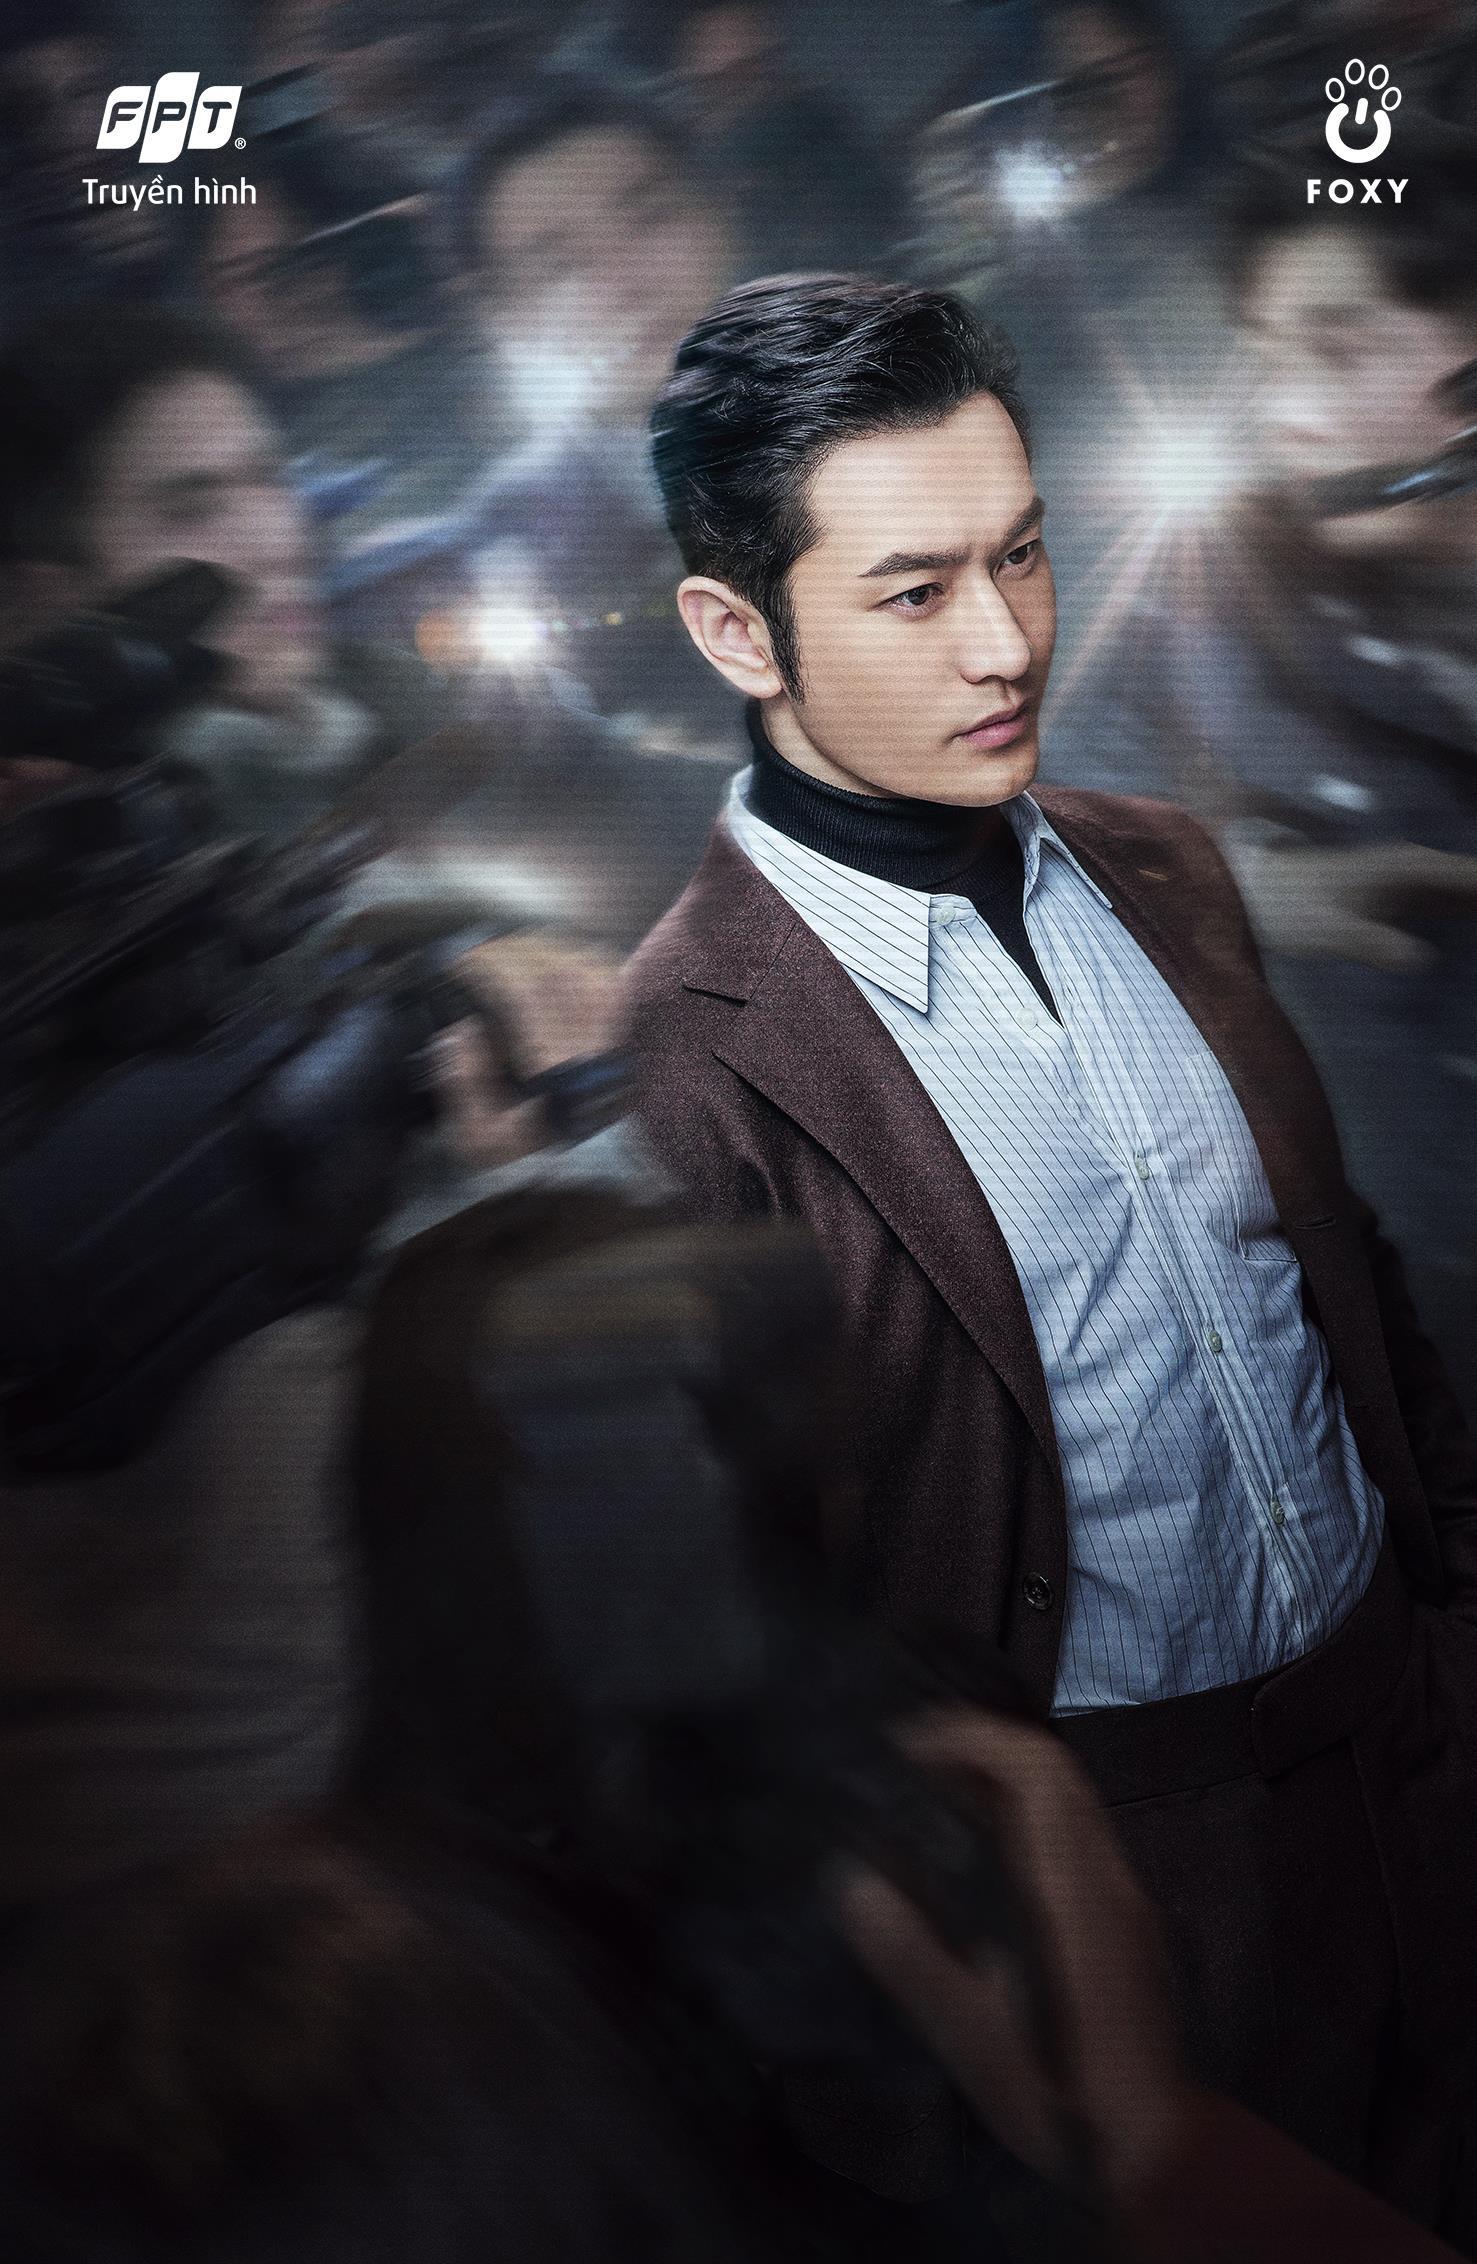 Tái ngộ Huỳnh Hiểu Minh trong bộ phim Lật Kèo ra mắt trên Truyền hình FPT - Ảnh 3.